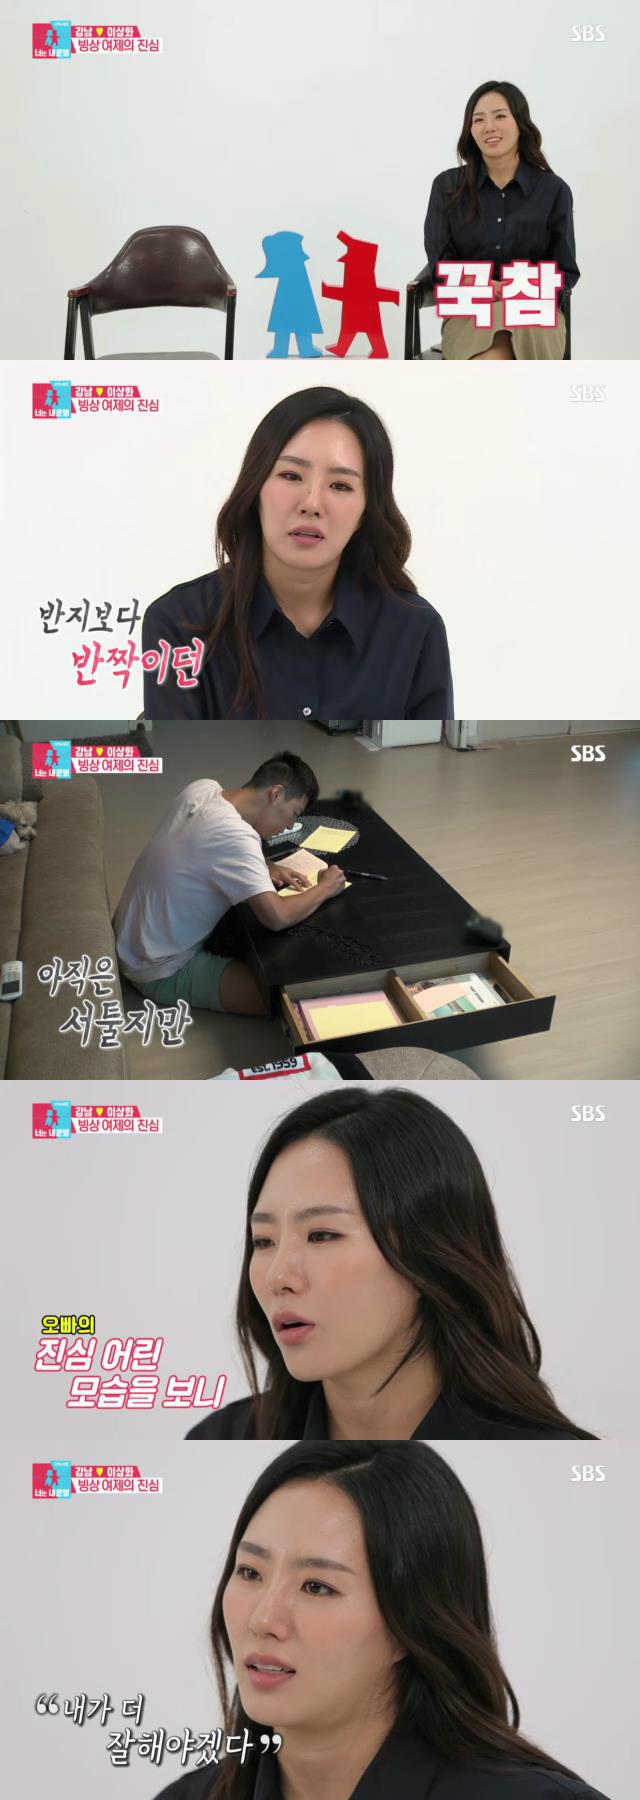 '너는 내 운명' 이상화, 숨겨둔 마음 고백 '강남의 진심, 너무 예뻤다'